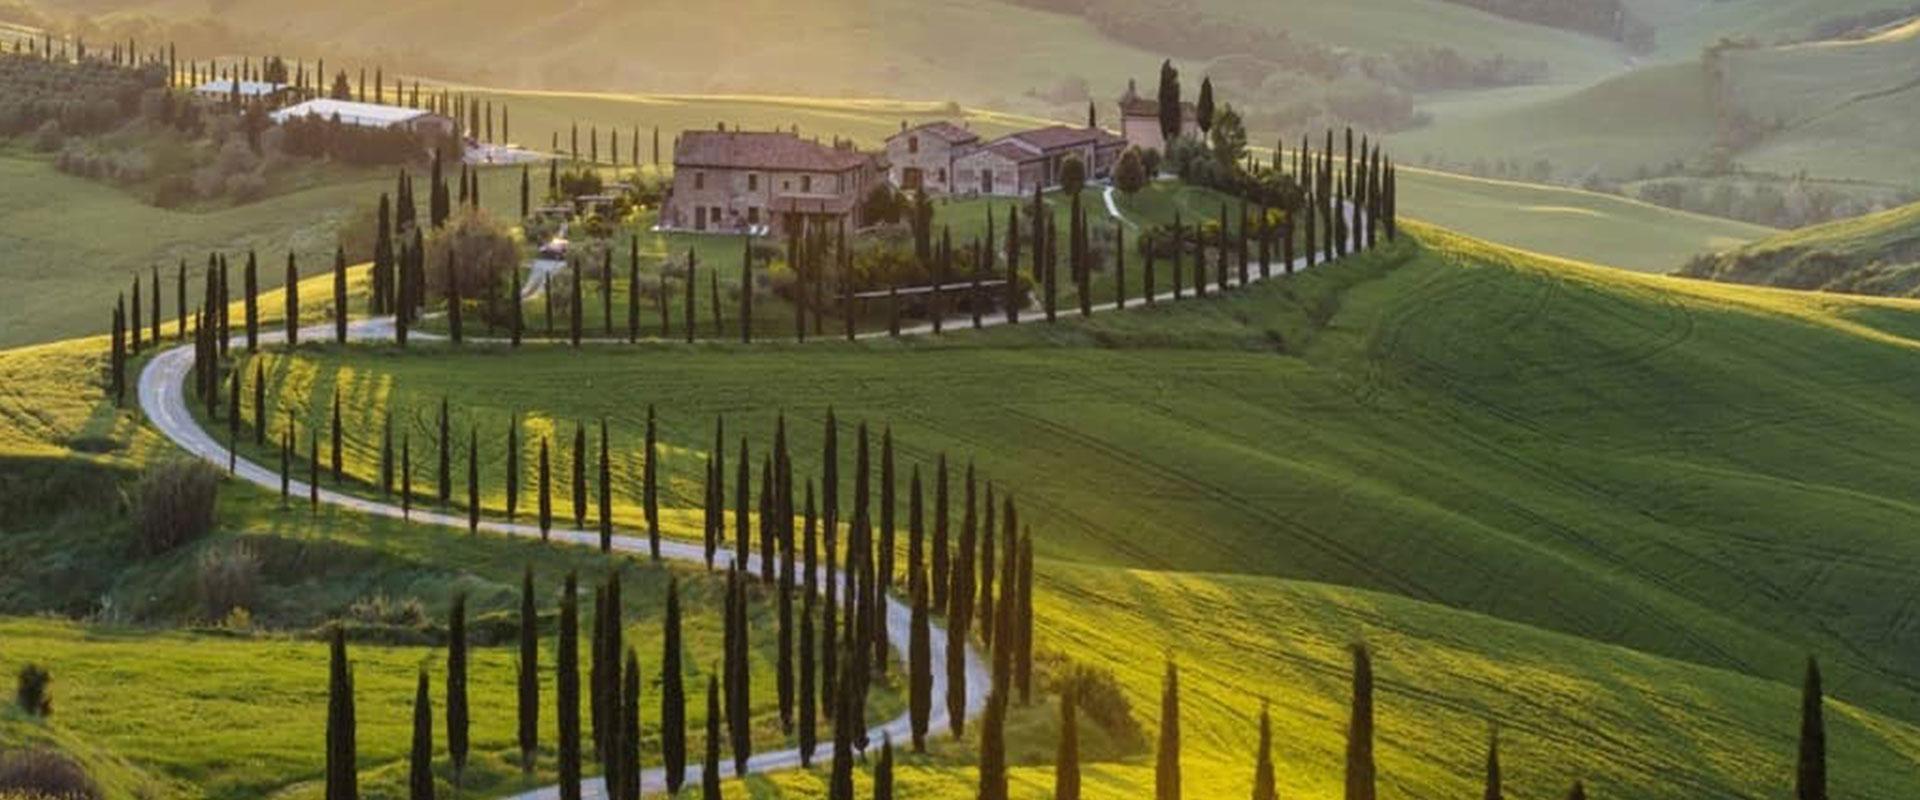 SupYo-A-Taste-of-Tuscany-the-Italian-Riviera